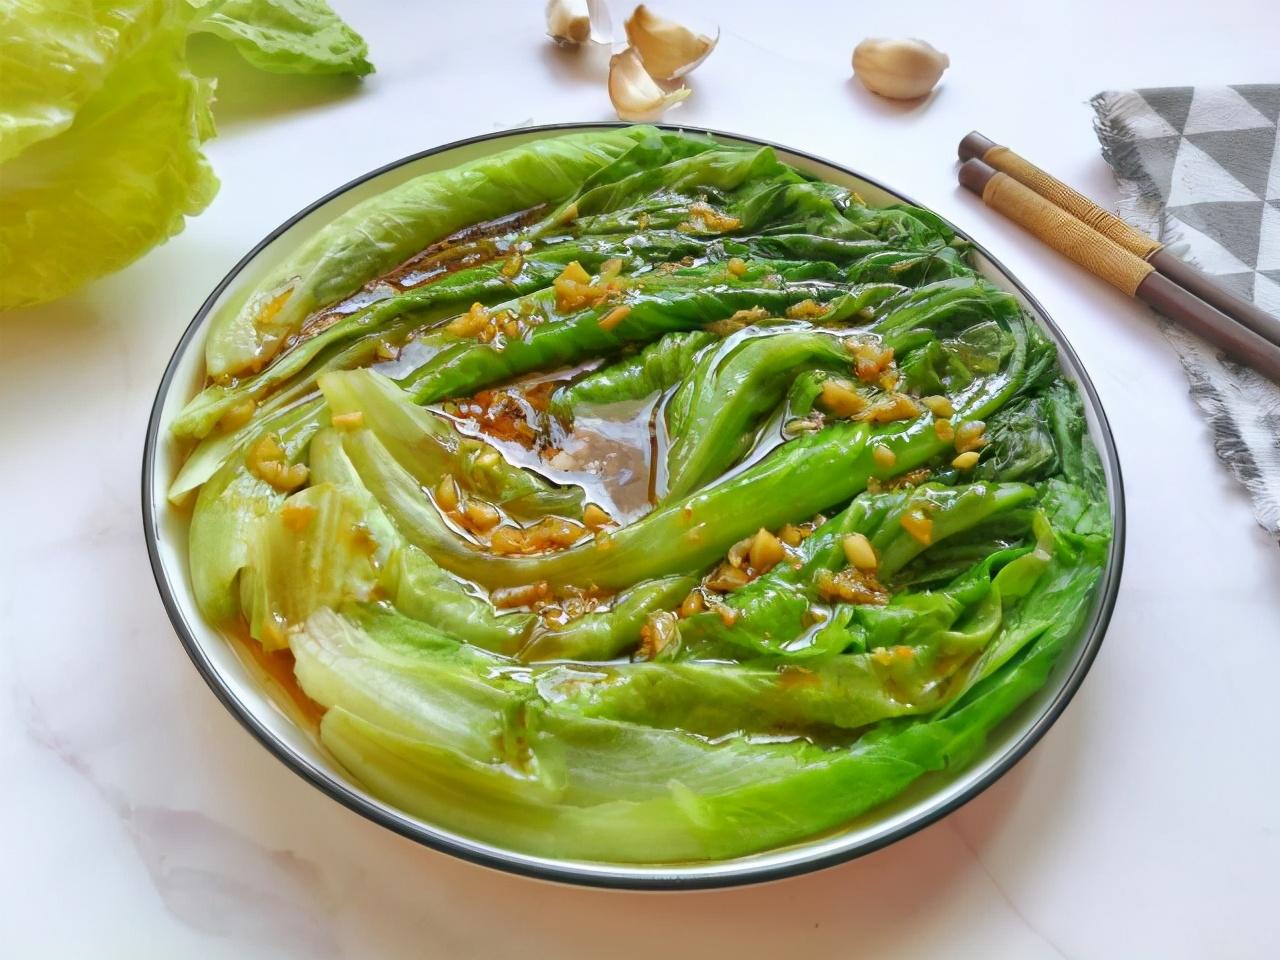 减肥无需饿肚子,分享8道减脂菜,低脂粗纤维,大肚腩越来越小 减肥菜谱 第4张